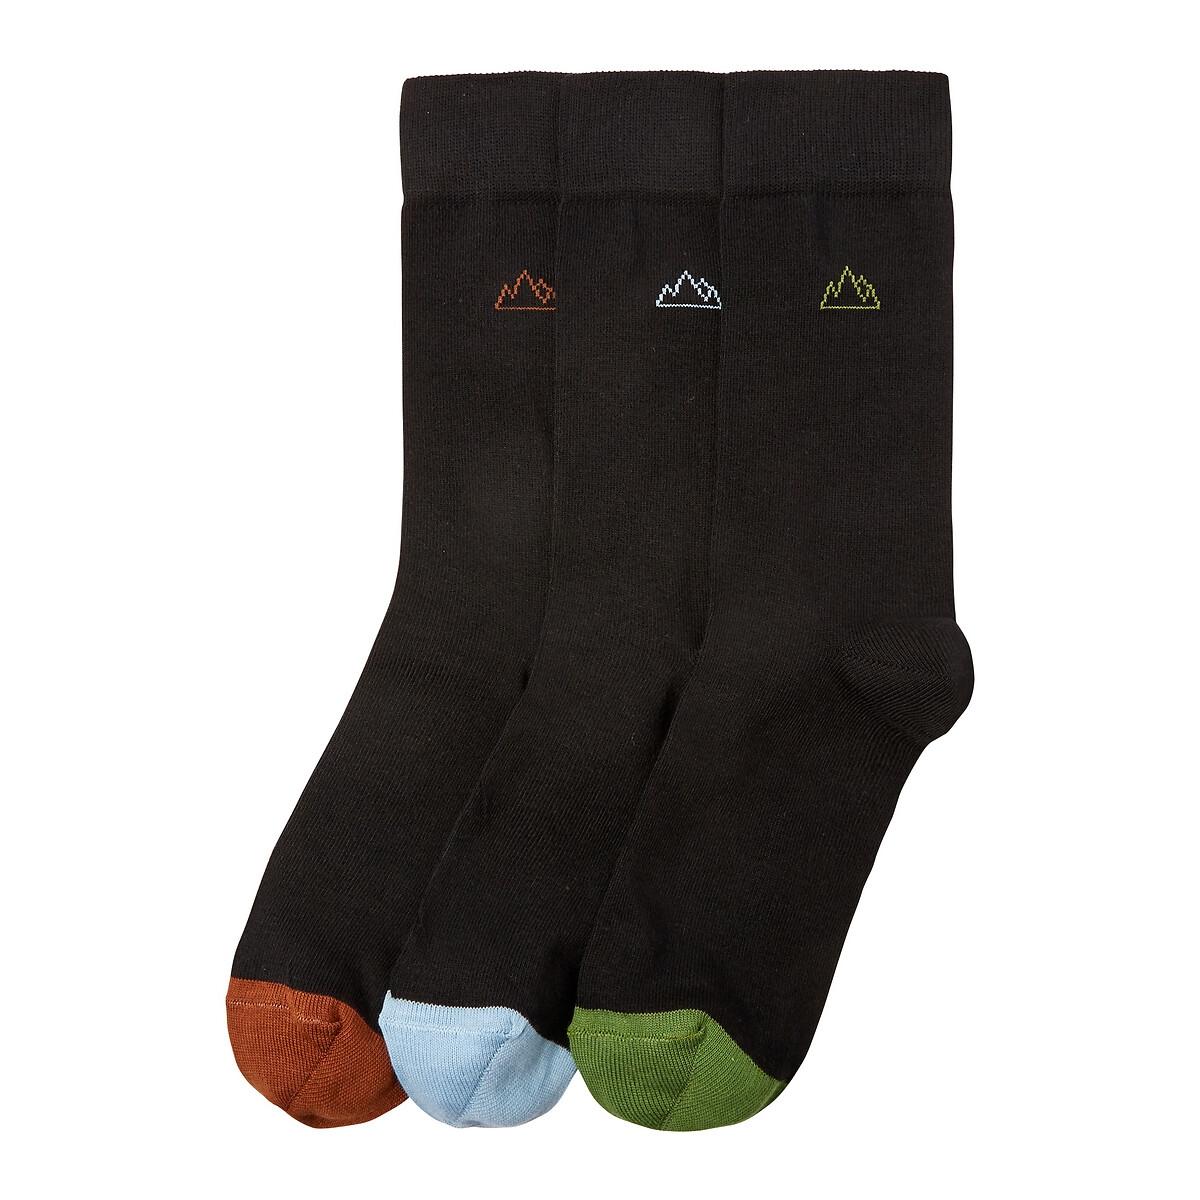 Комплект из 3 пар носков LaRedoute La Redoute 43/46 черный комплект из 6 пар носков la redoute la redoute 39 45 черный